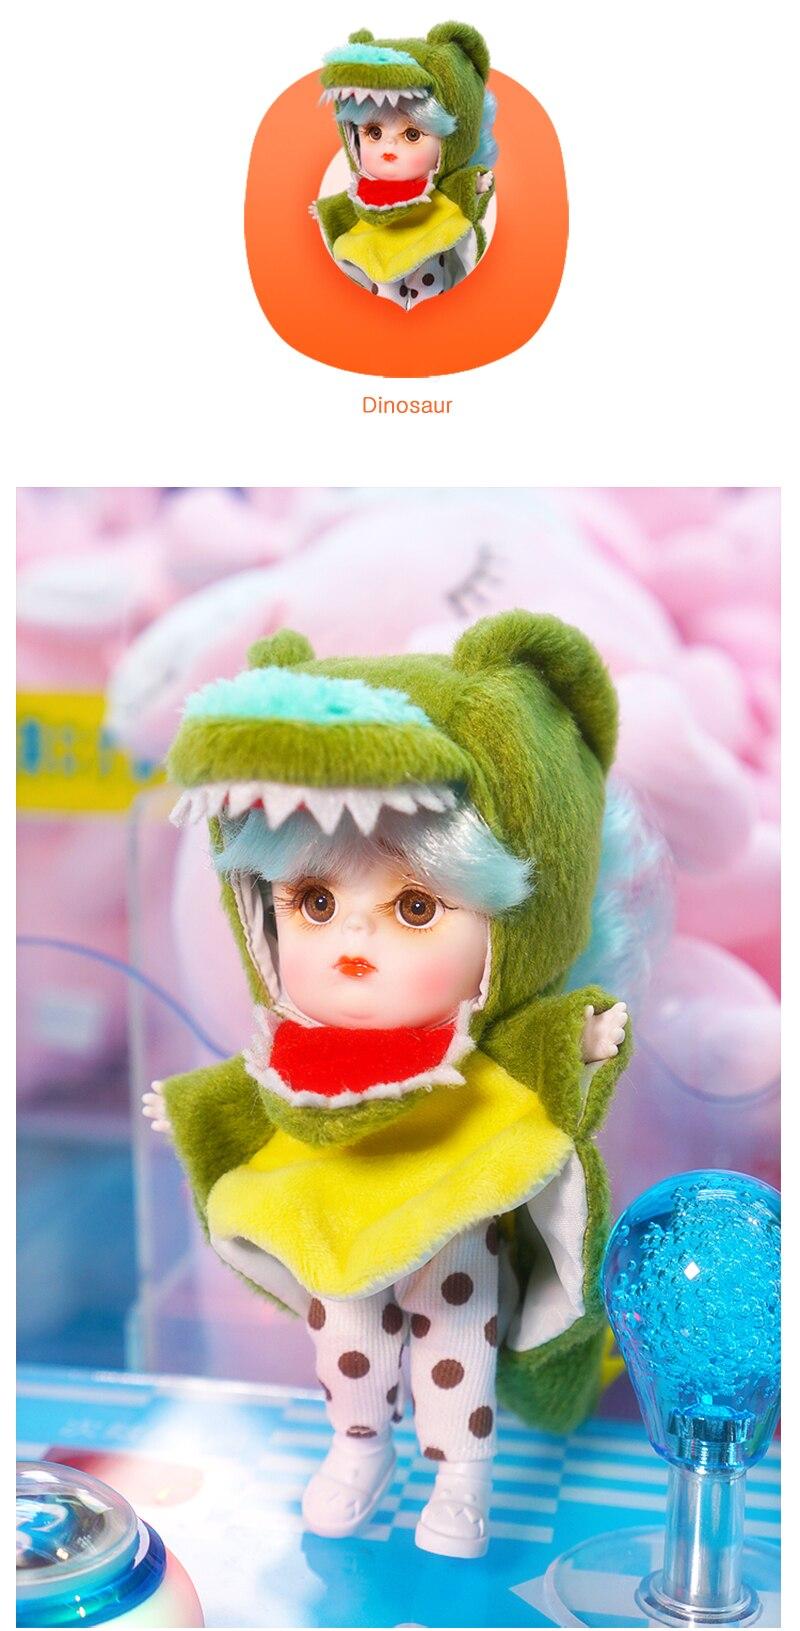 嘟嘟动物详情(1)_05